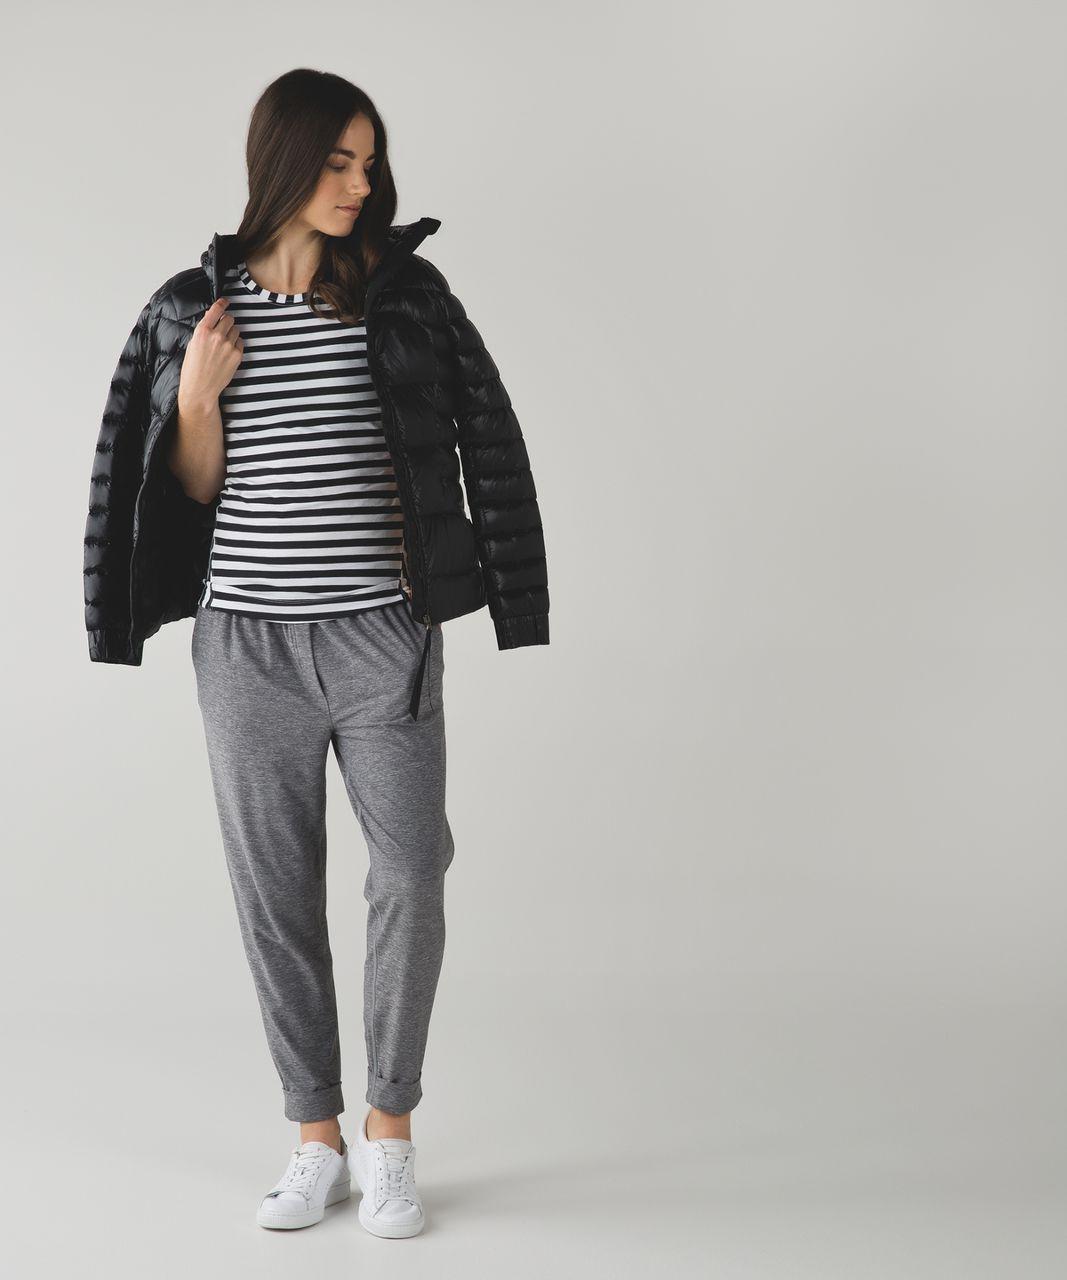 Lululemon Let Be Short Sleeve Tee - Apex Stripe Black White